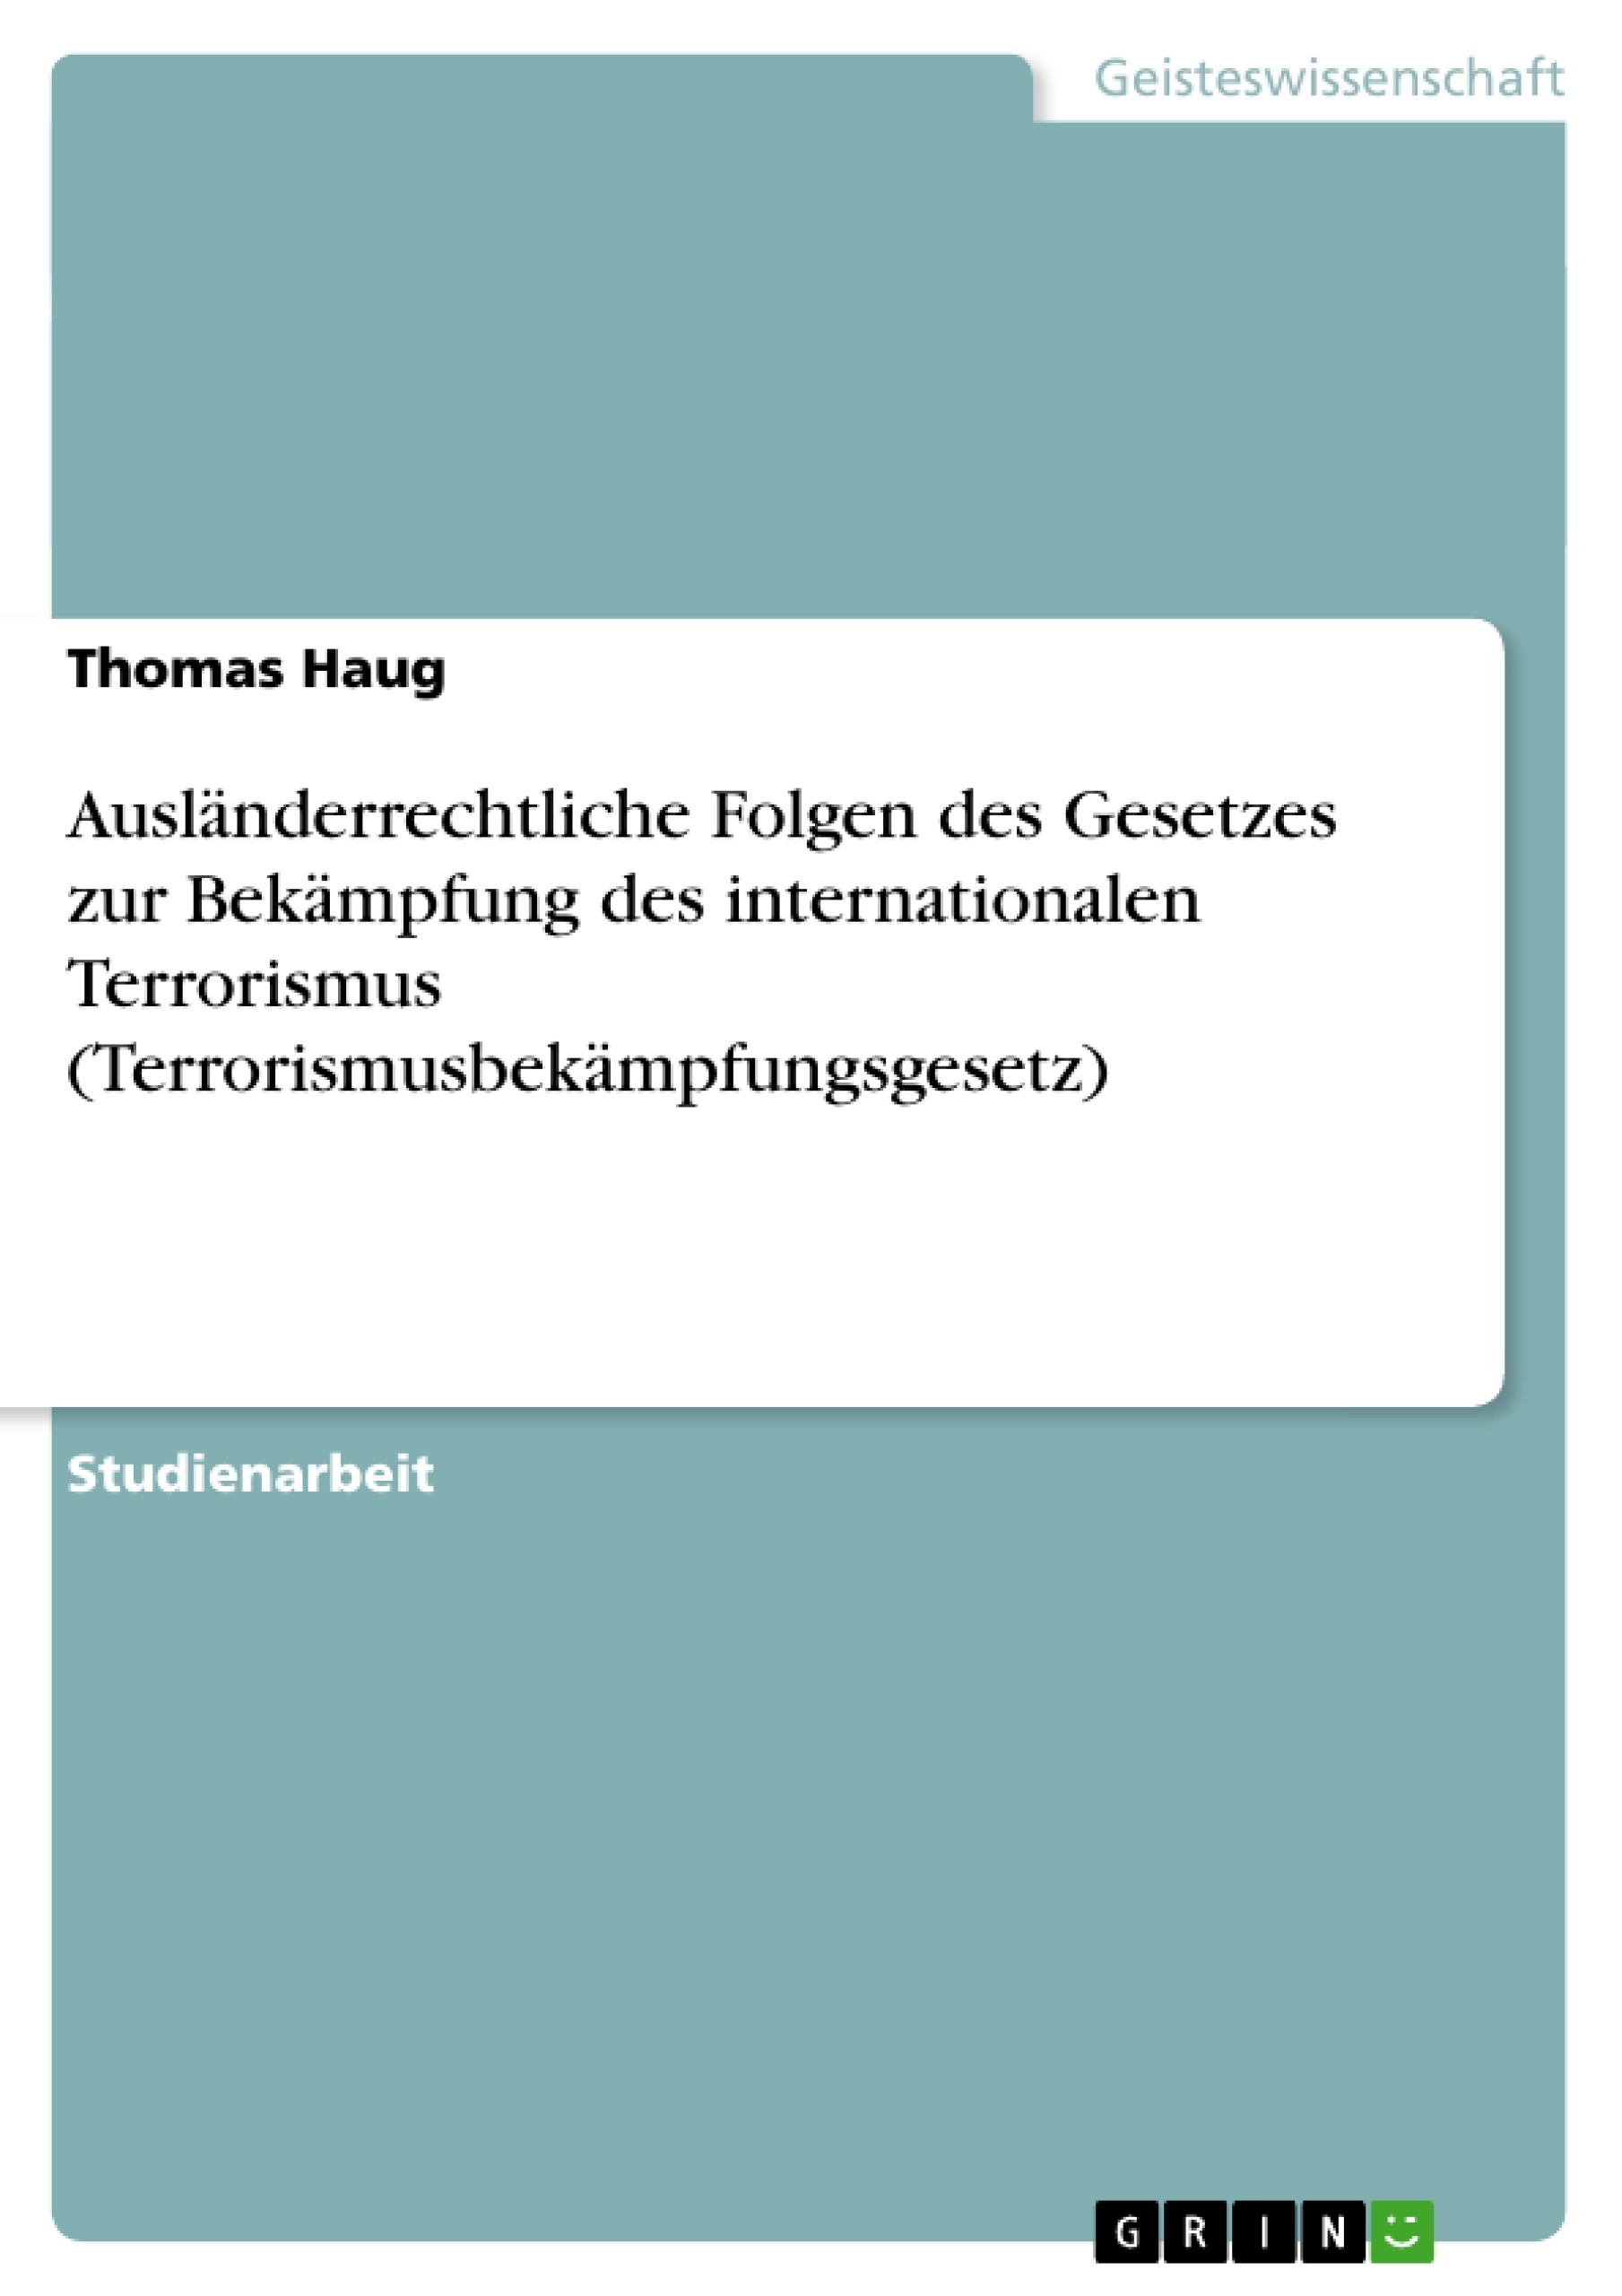 Titel: Ausländerrechtliche Folgen des Gesetzes zur Bekämpfung des internationalen Terrorismus (Terrorismusbekämpfungsgesetz)